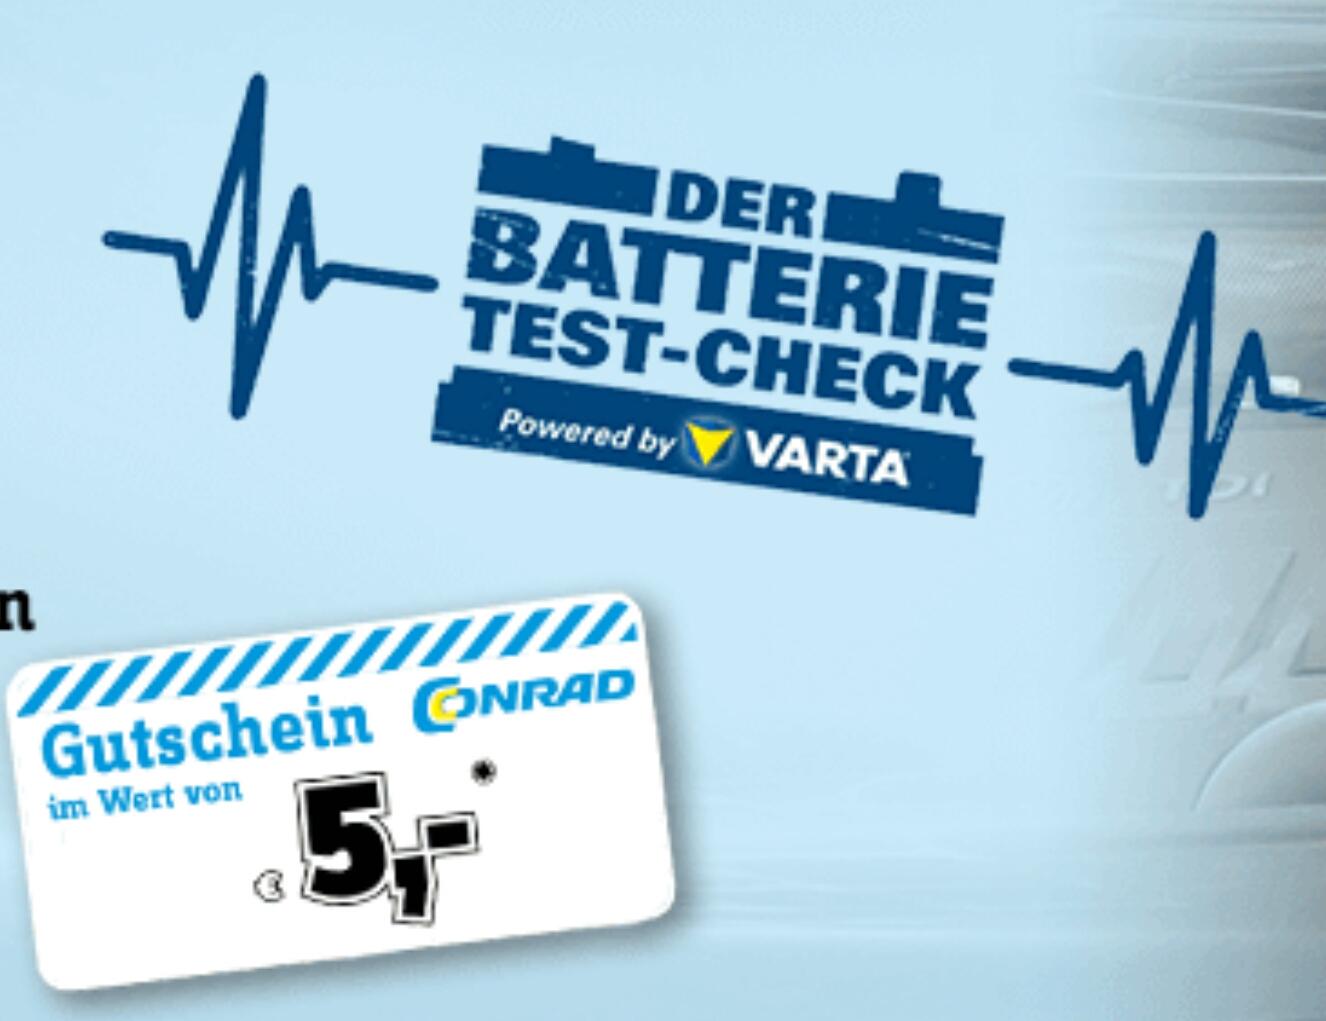 [Info] Conrad GRATIS Autobatterie überprüfen und bei zurückgabe 5€ Gutschein ab 5€ MBW bekommen